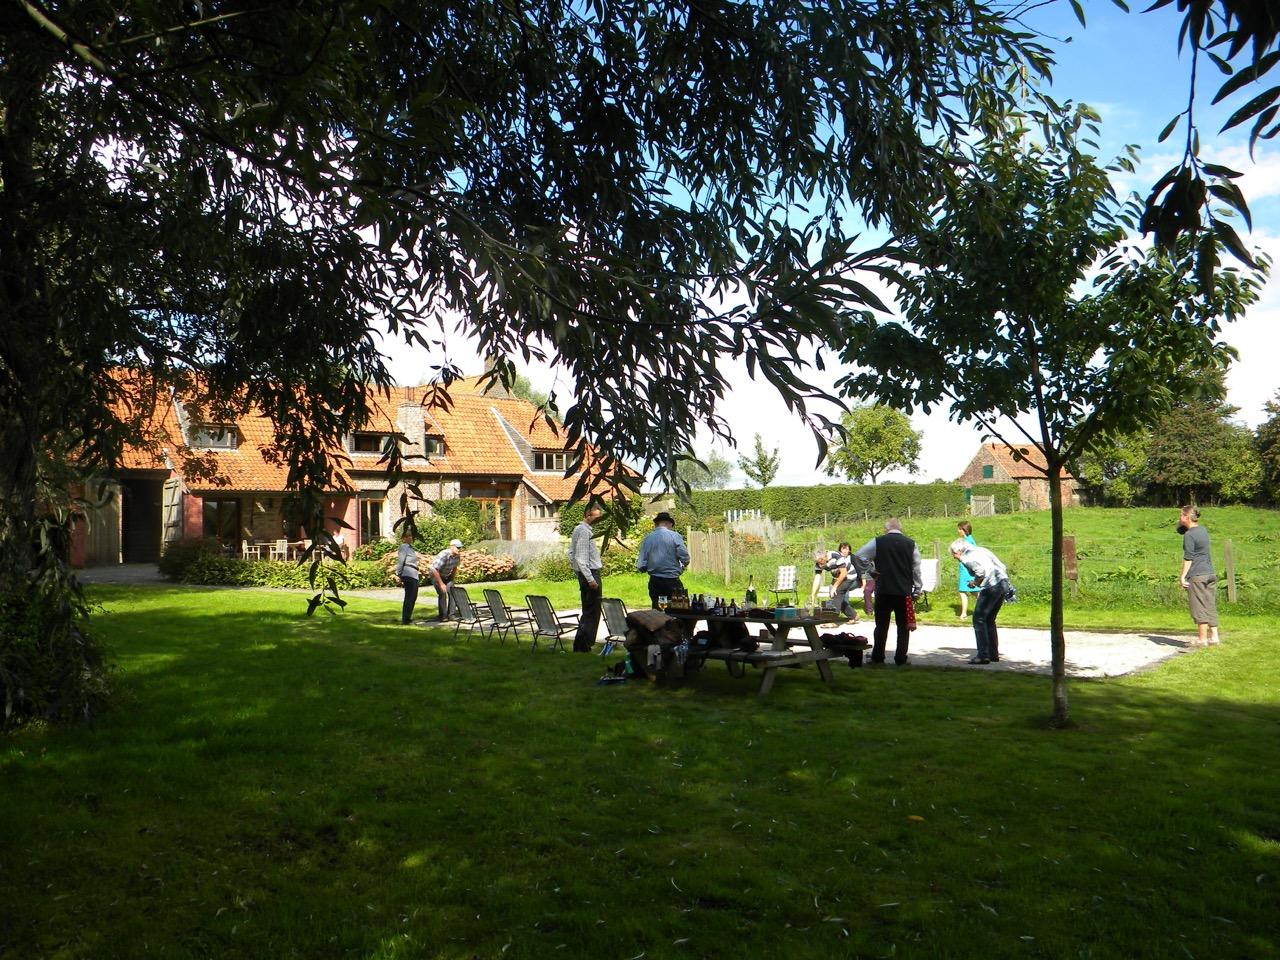 groep mensen speelt petanque in de tuin van onze vakantiewoning in de vlaamse ardennen